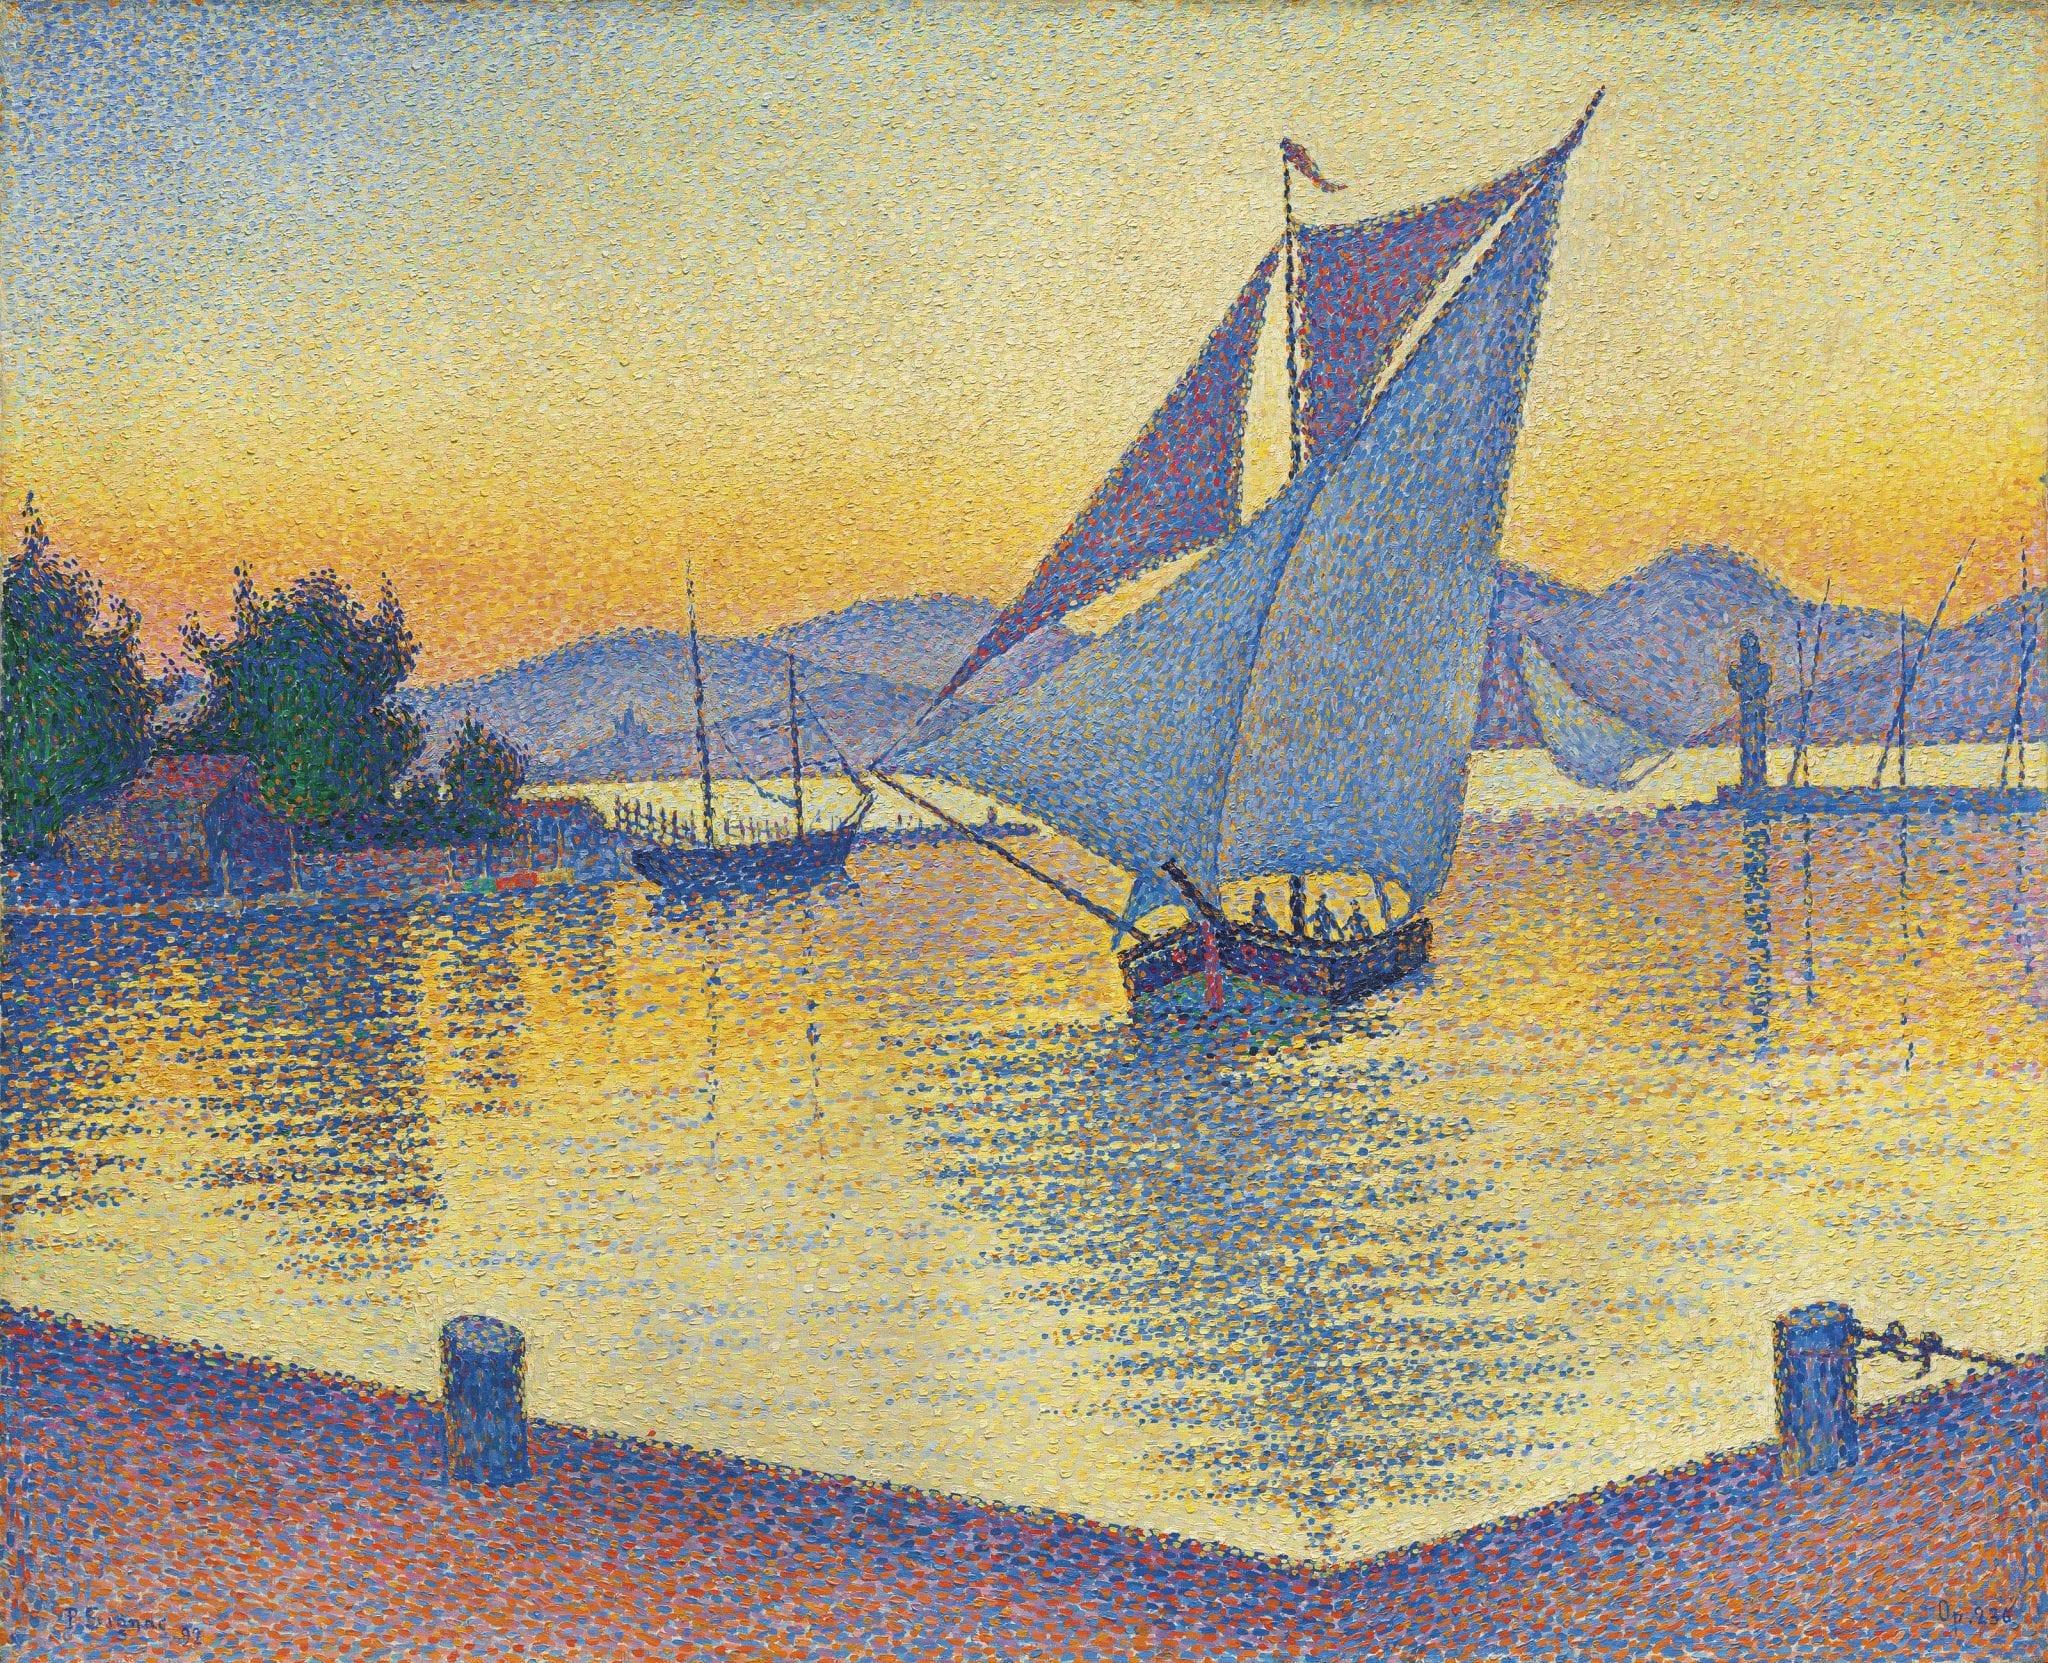 Dalle ninfee di Monet al tramonto di Signac, l'Impressionismo in asta da Christie's